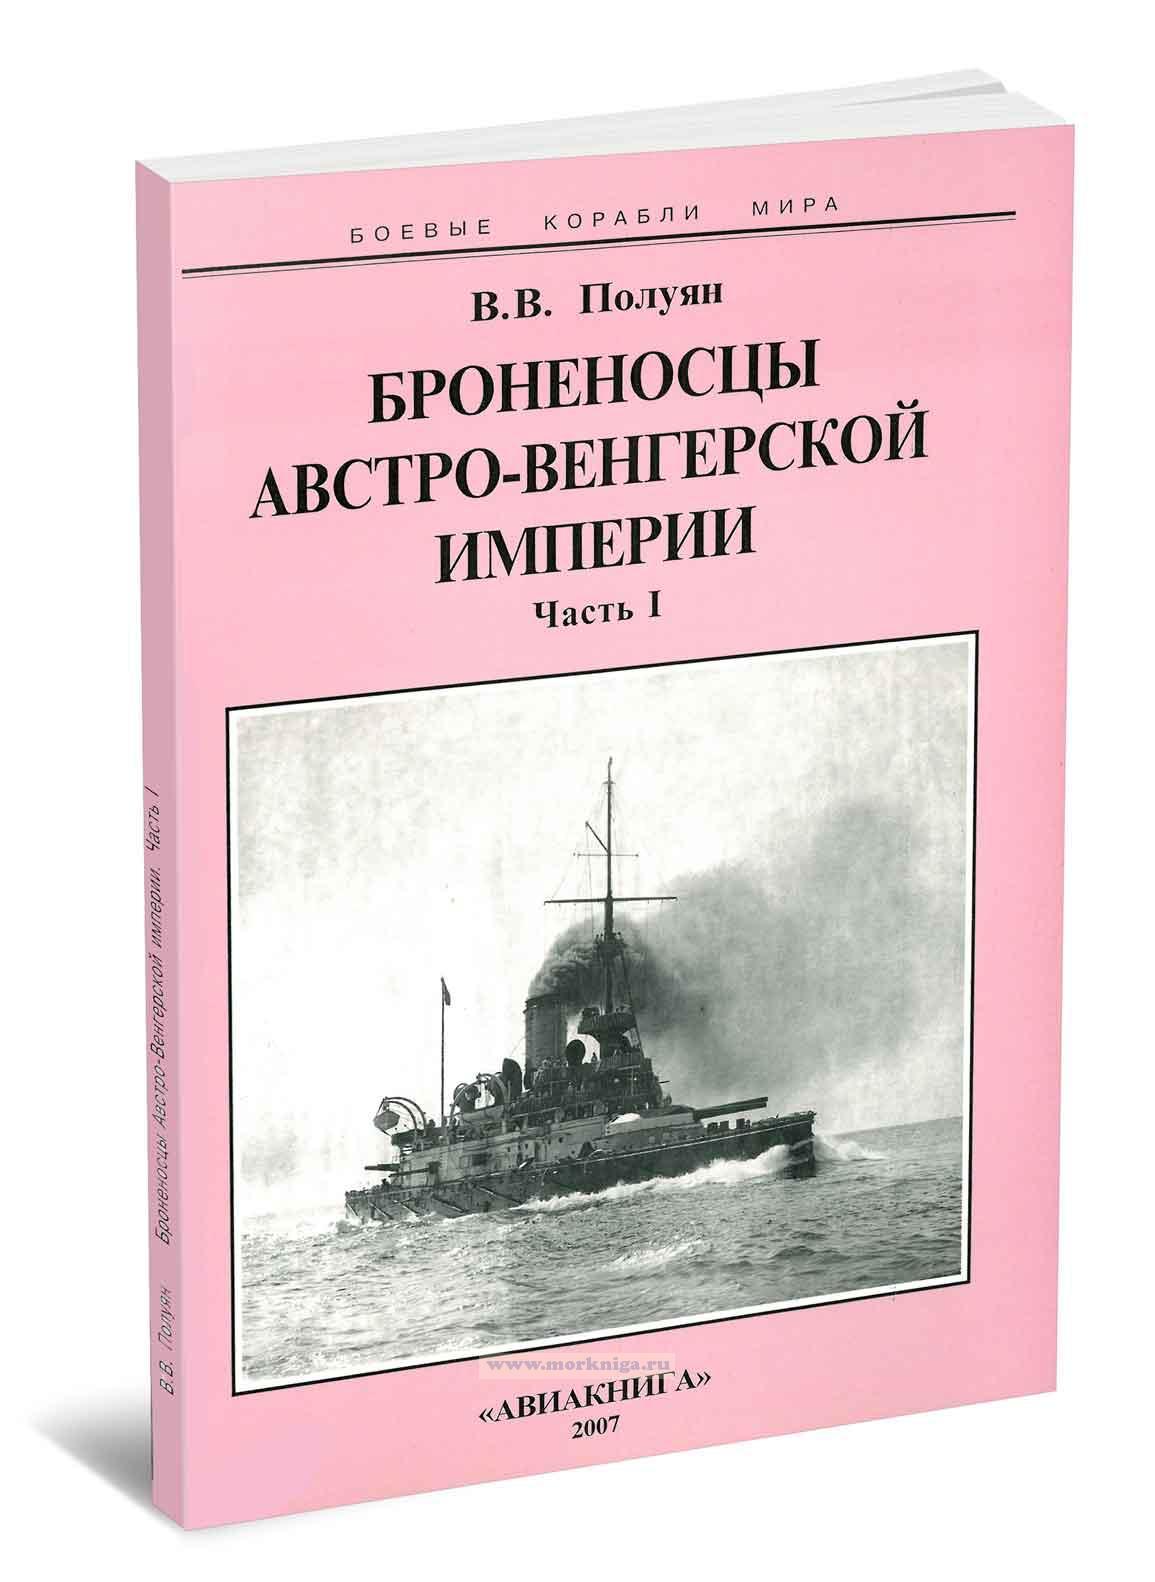 Броненосцы Австро-Венгерской империи. Часть 1